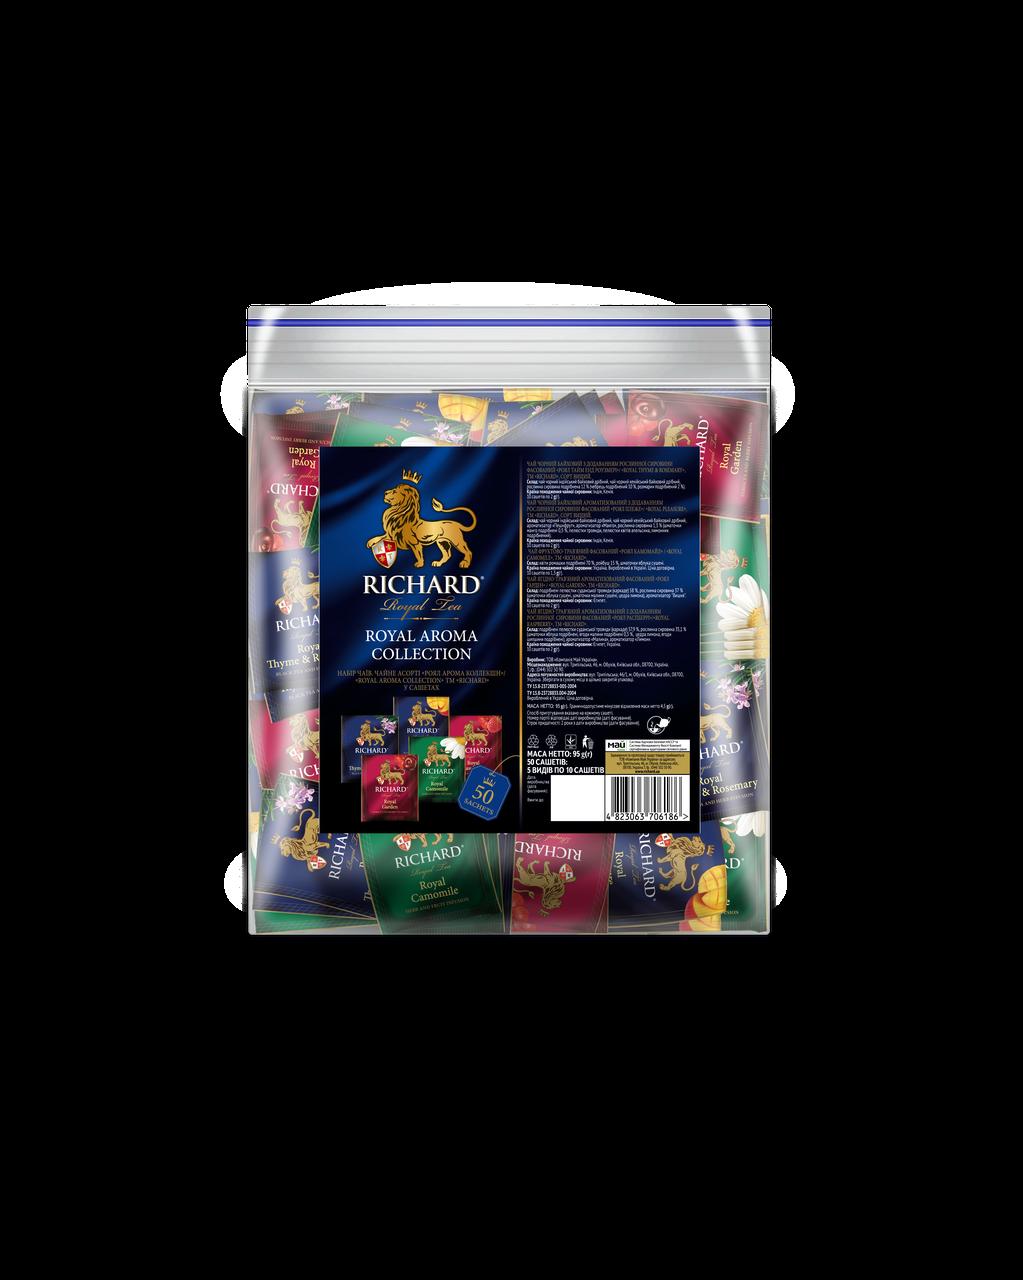 Чай ассорти в сашетах из 5 видов Richard Royal Aroma Collection (Ричард), 50 сашетов